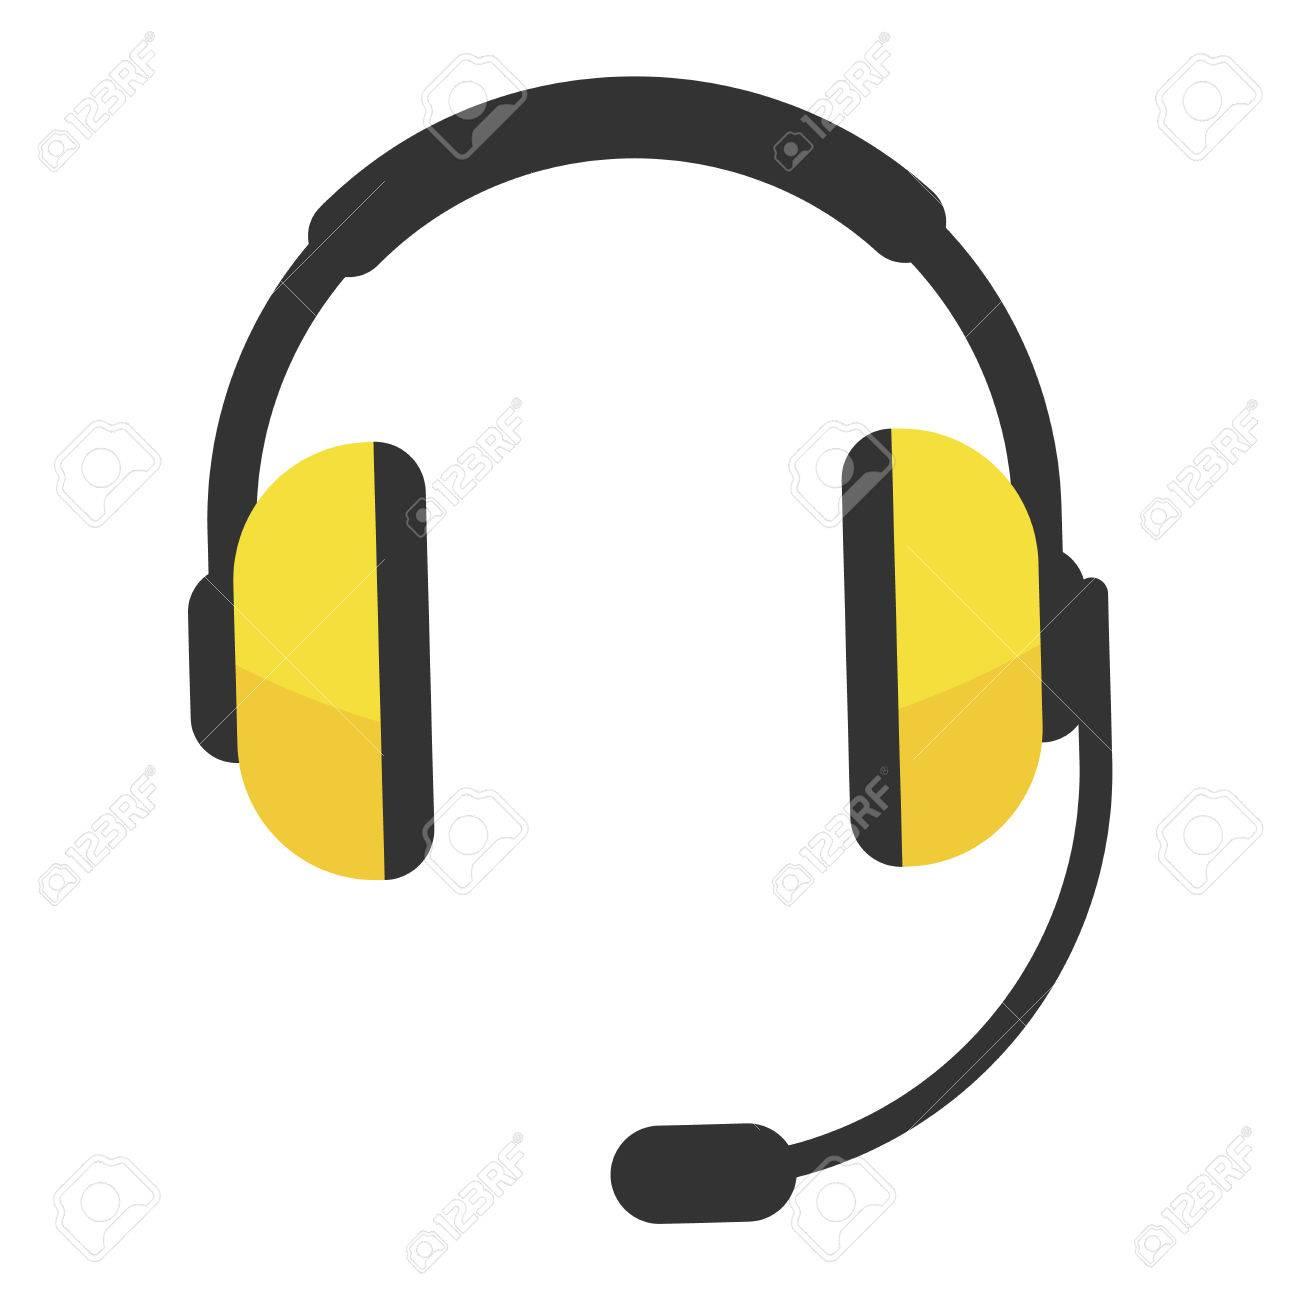 Couteur icône vecteur isolé sur fond blanc. Icône d'écouteur d'ordinateur web. Technologie écouteurs équipement de musique